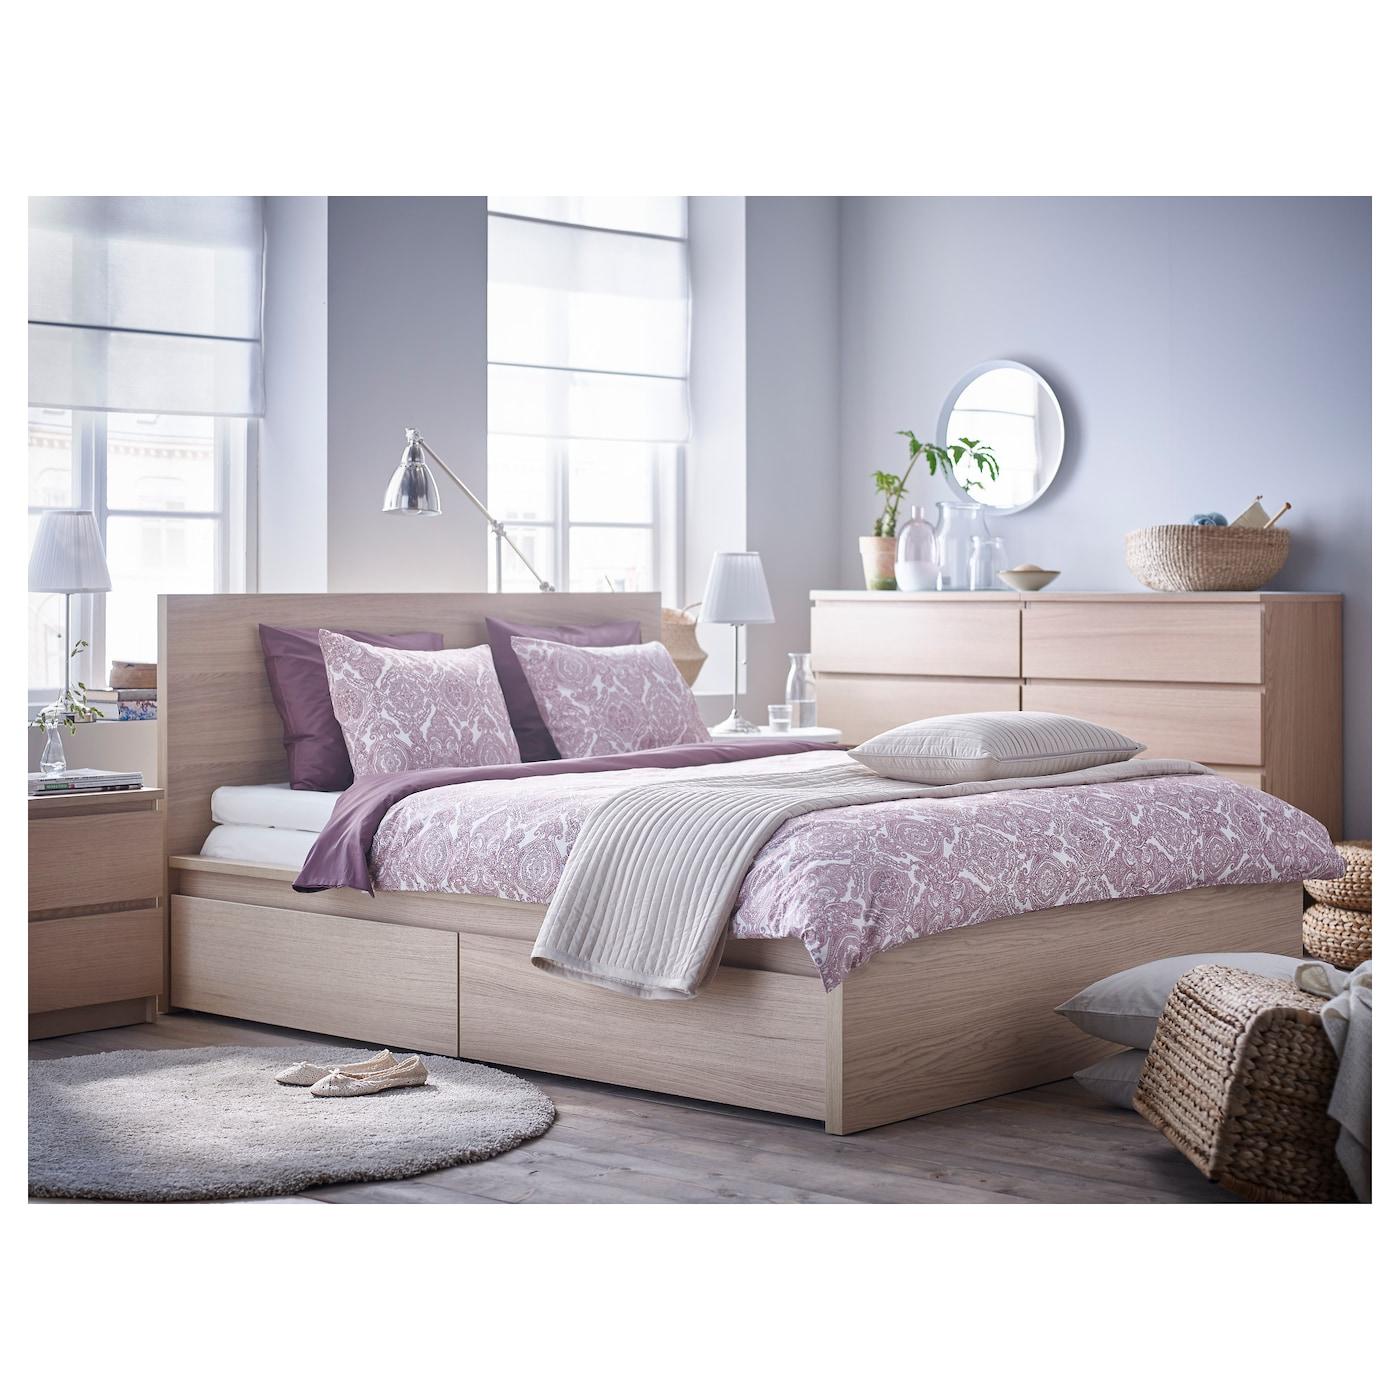 Goedkoop Bed Frame.Goedkoop Bed 160x200 Zwevend Eikenhouten Bed Gemaakt Van Robuuste